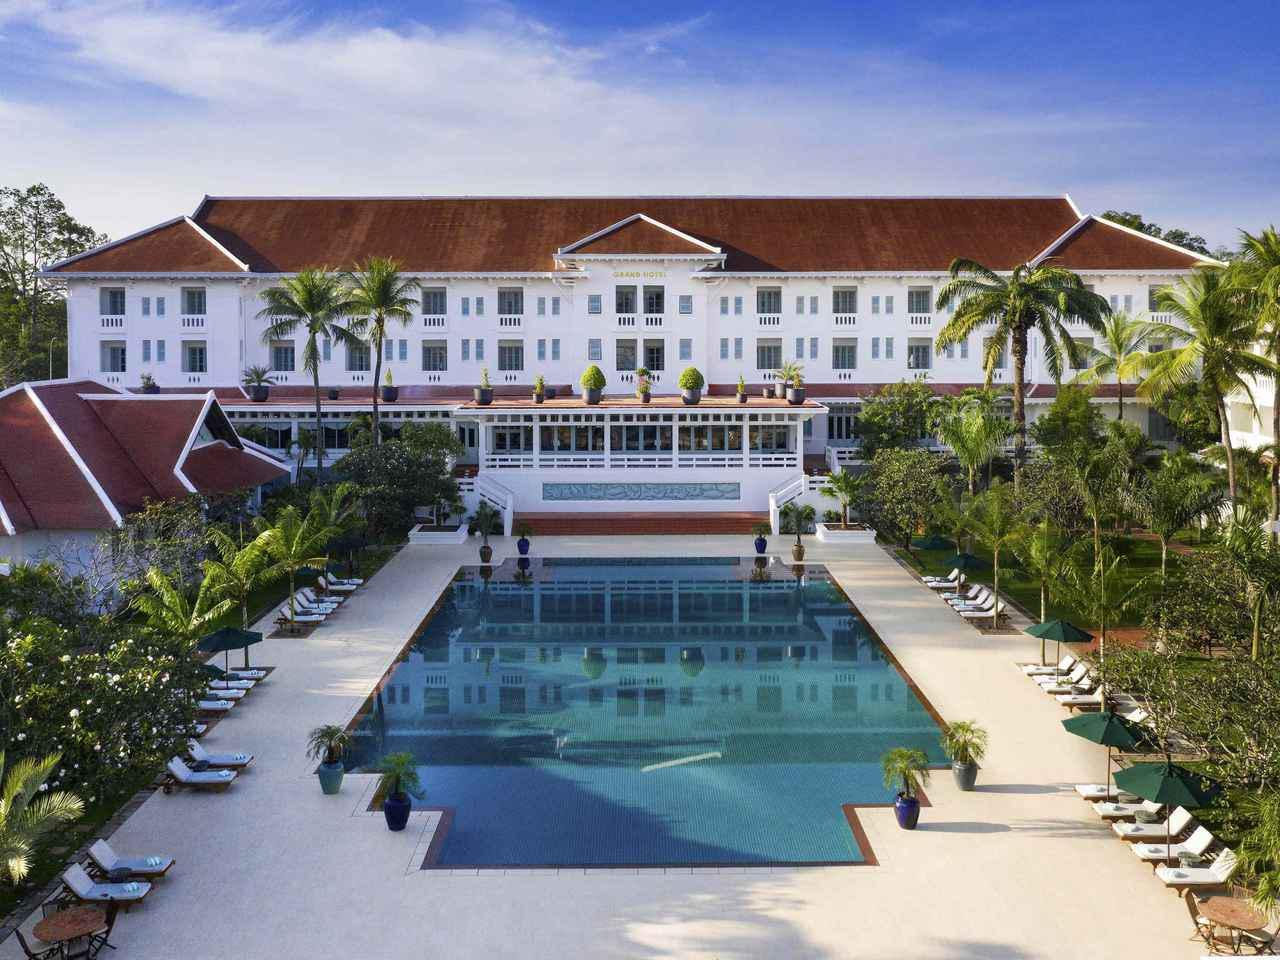 画像: 旅の拠点となるホテル、『ラッフルズ・グランド・ホテル・アンコール』(イメージ)